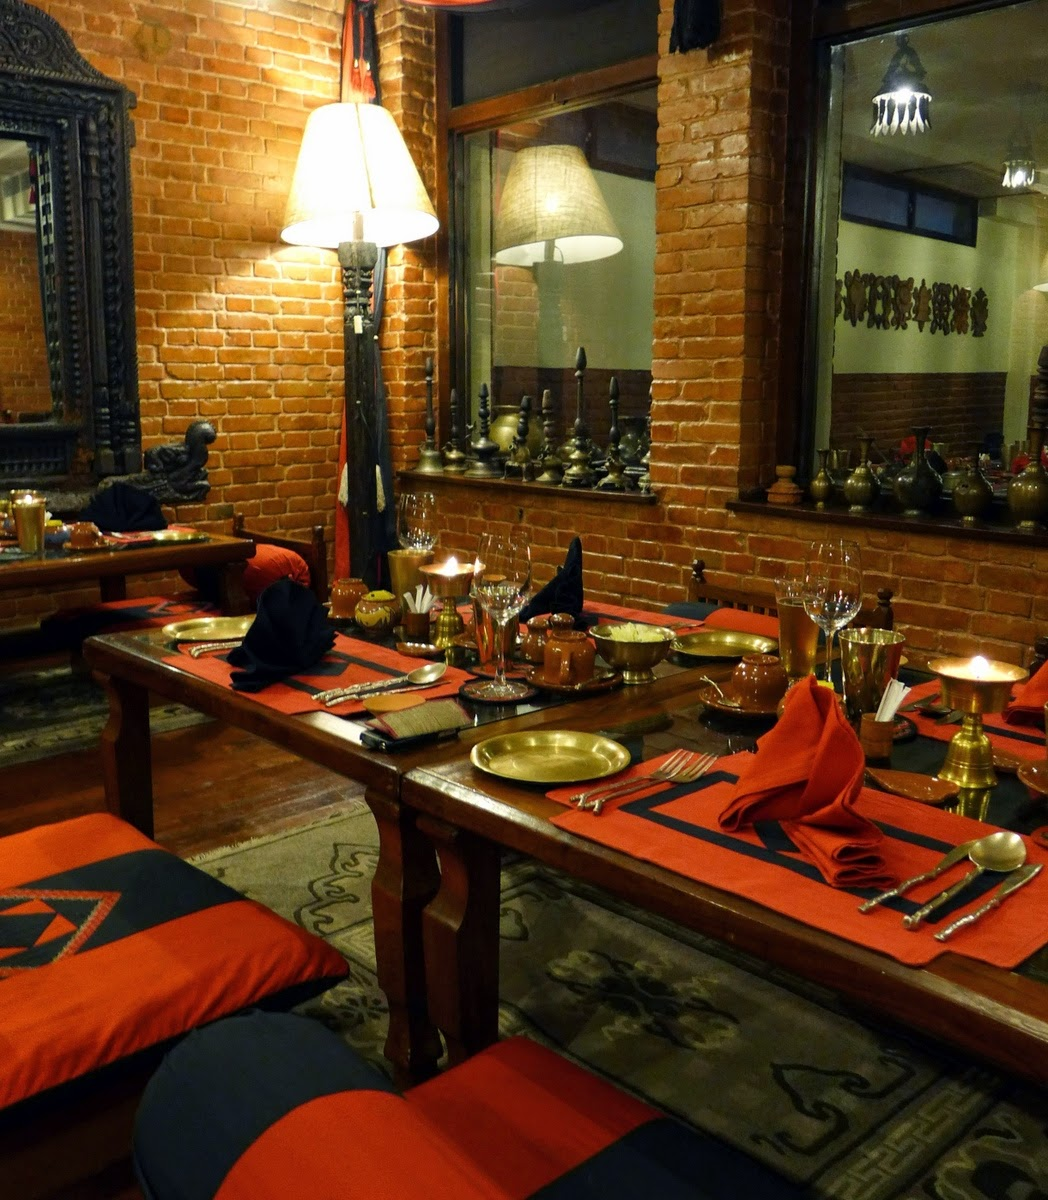 Krishnarpan, Authentic Nepalise Feast, Dwarika's Hotel, Kathmandu